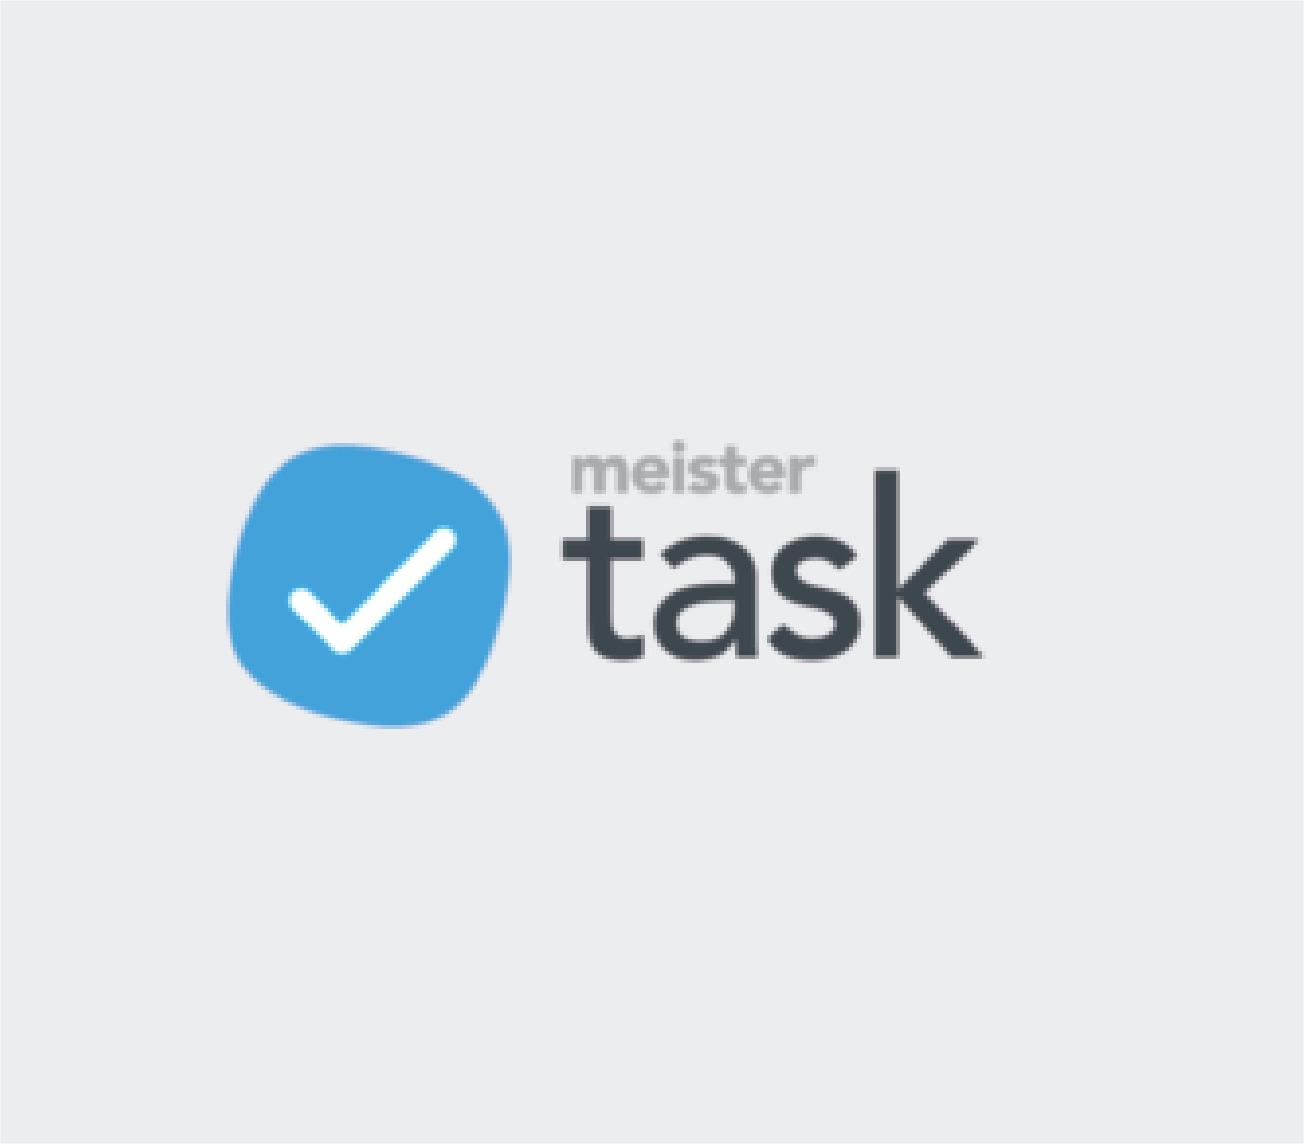 Task Meister